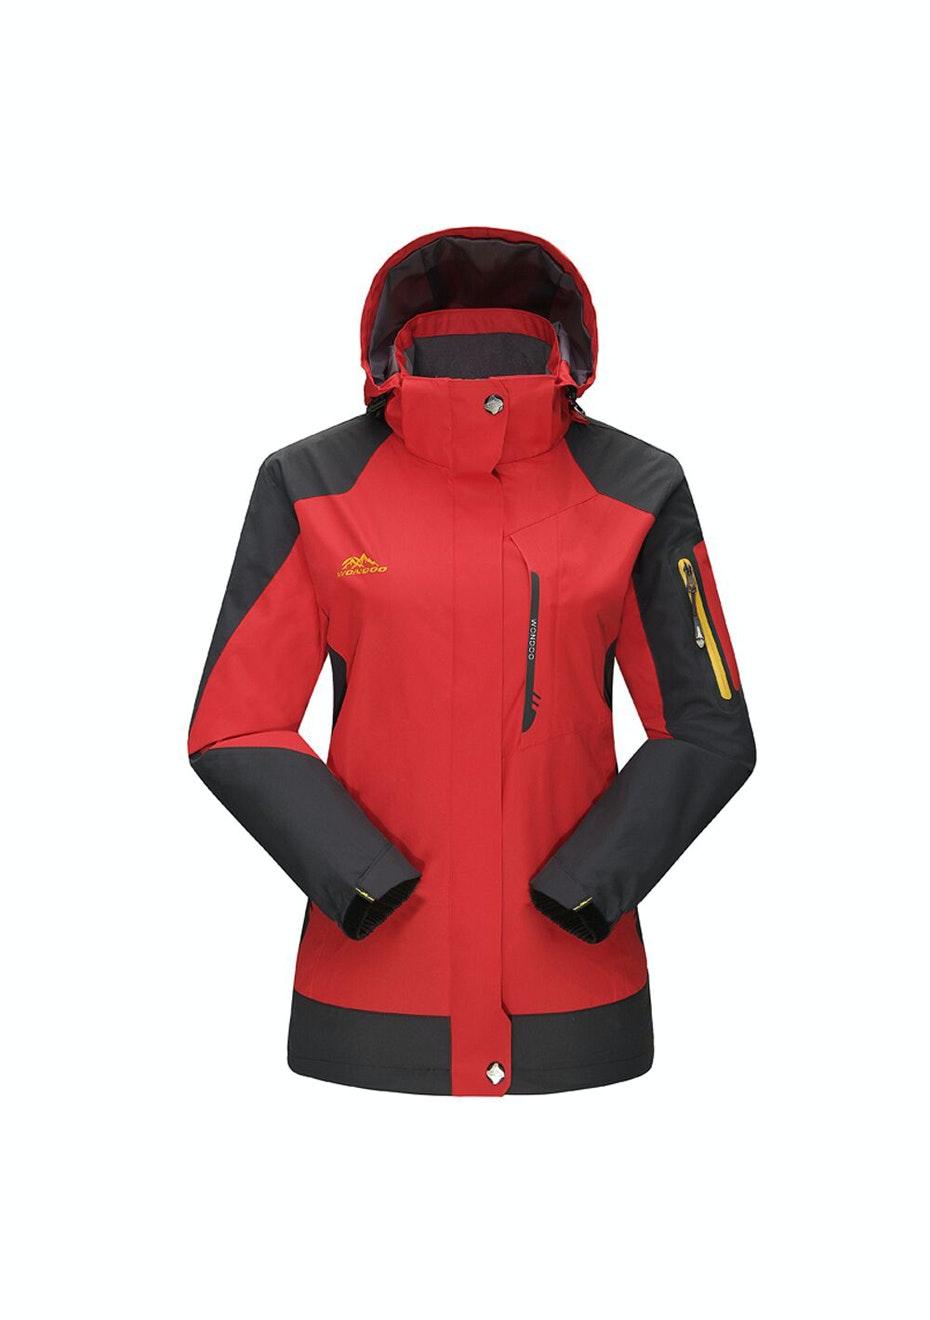 Women 2-in-1 WaterProof Jackets - Red